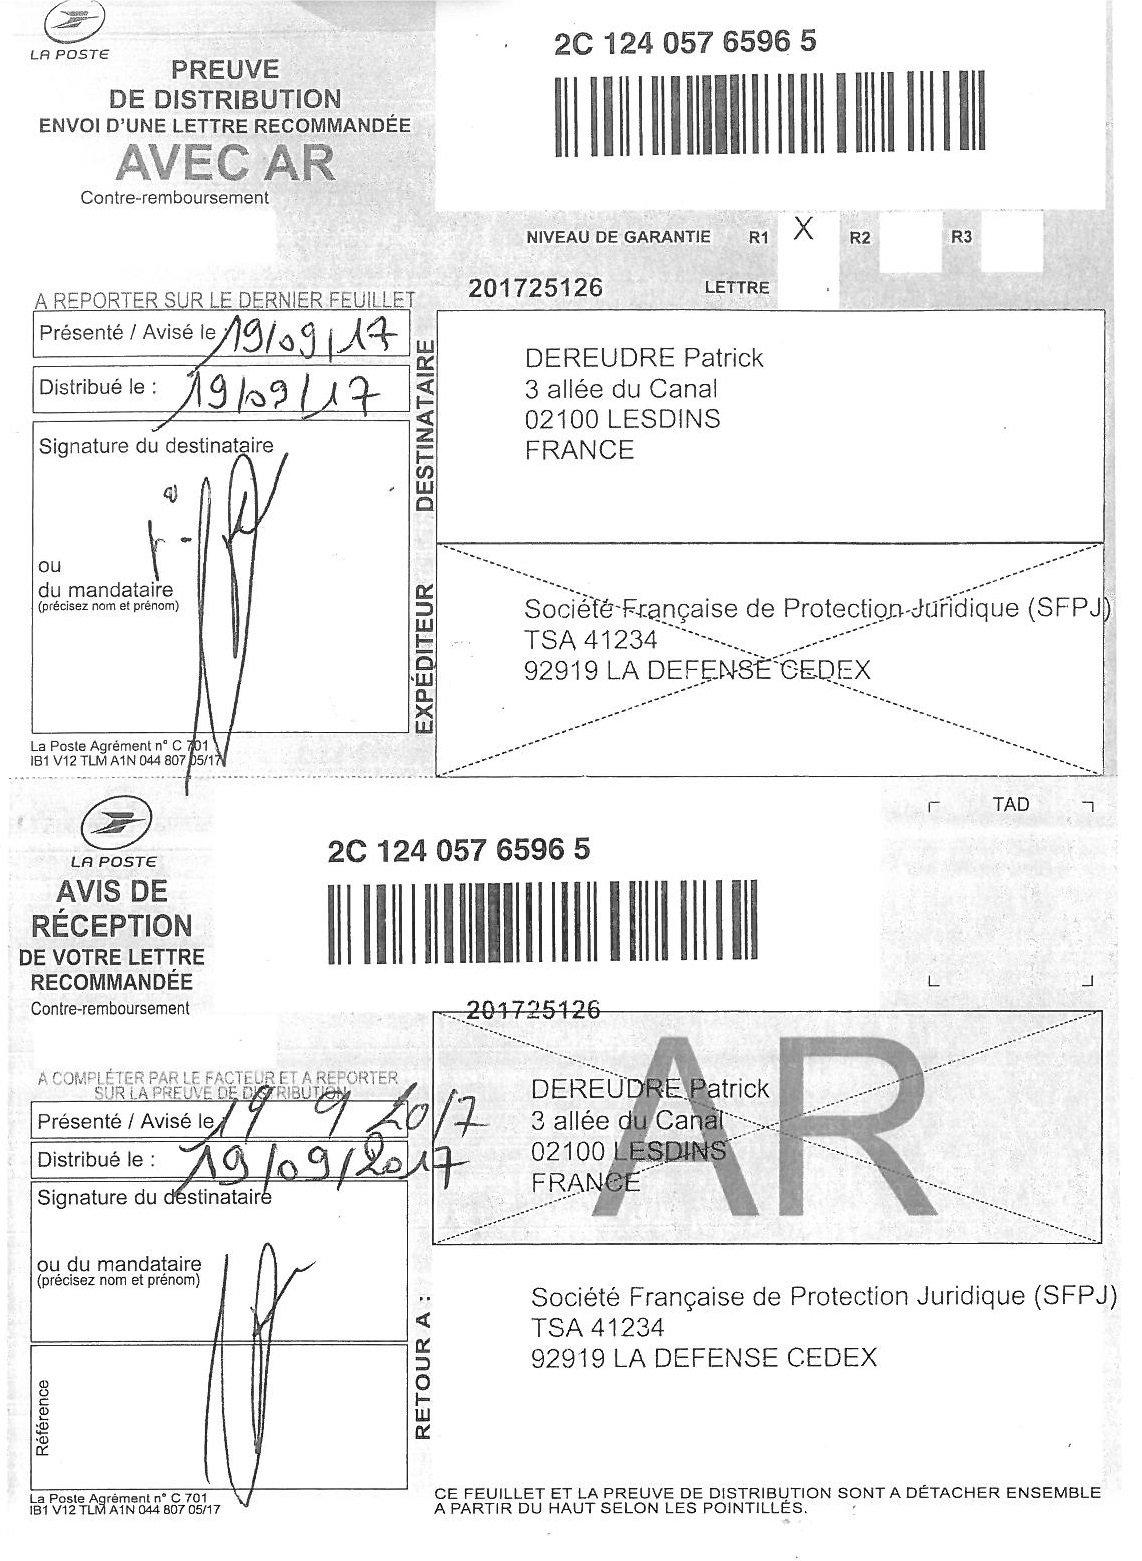 SOGESSUR LRAR Preuve de Distribution Site de Patrick DEREUDRE www.maisonnonconforme.fr